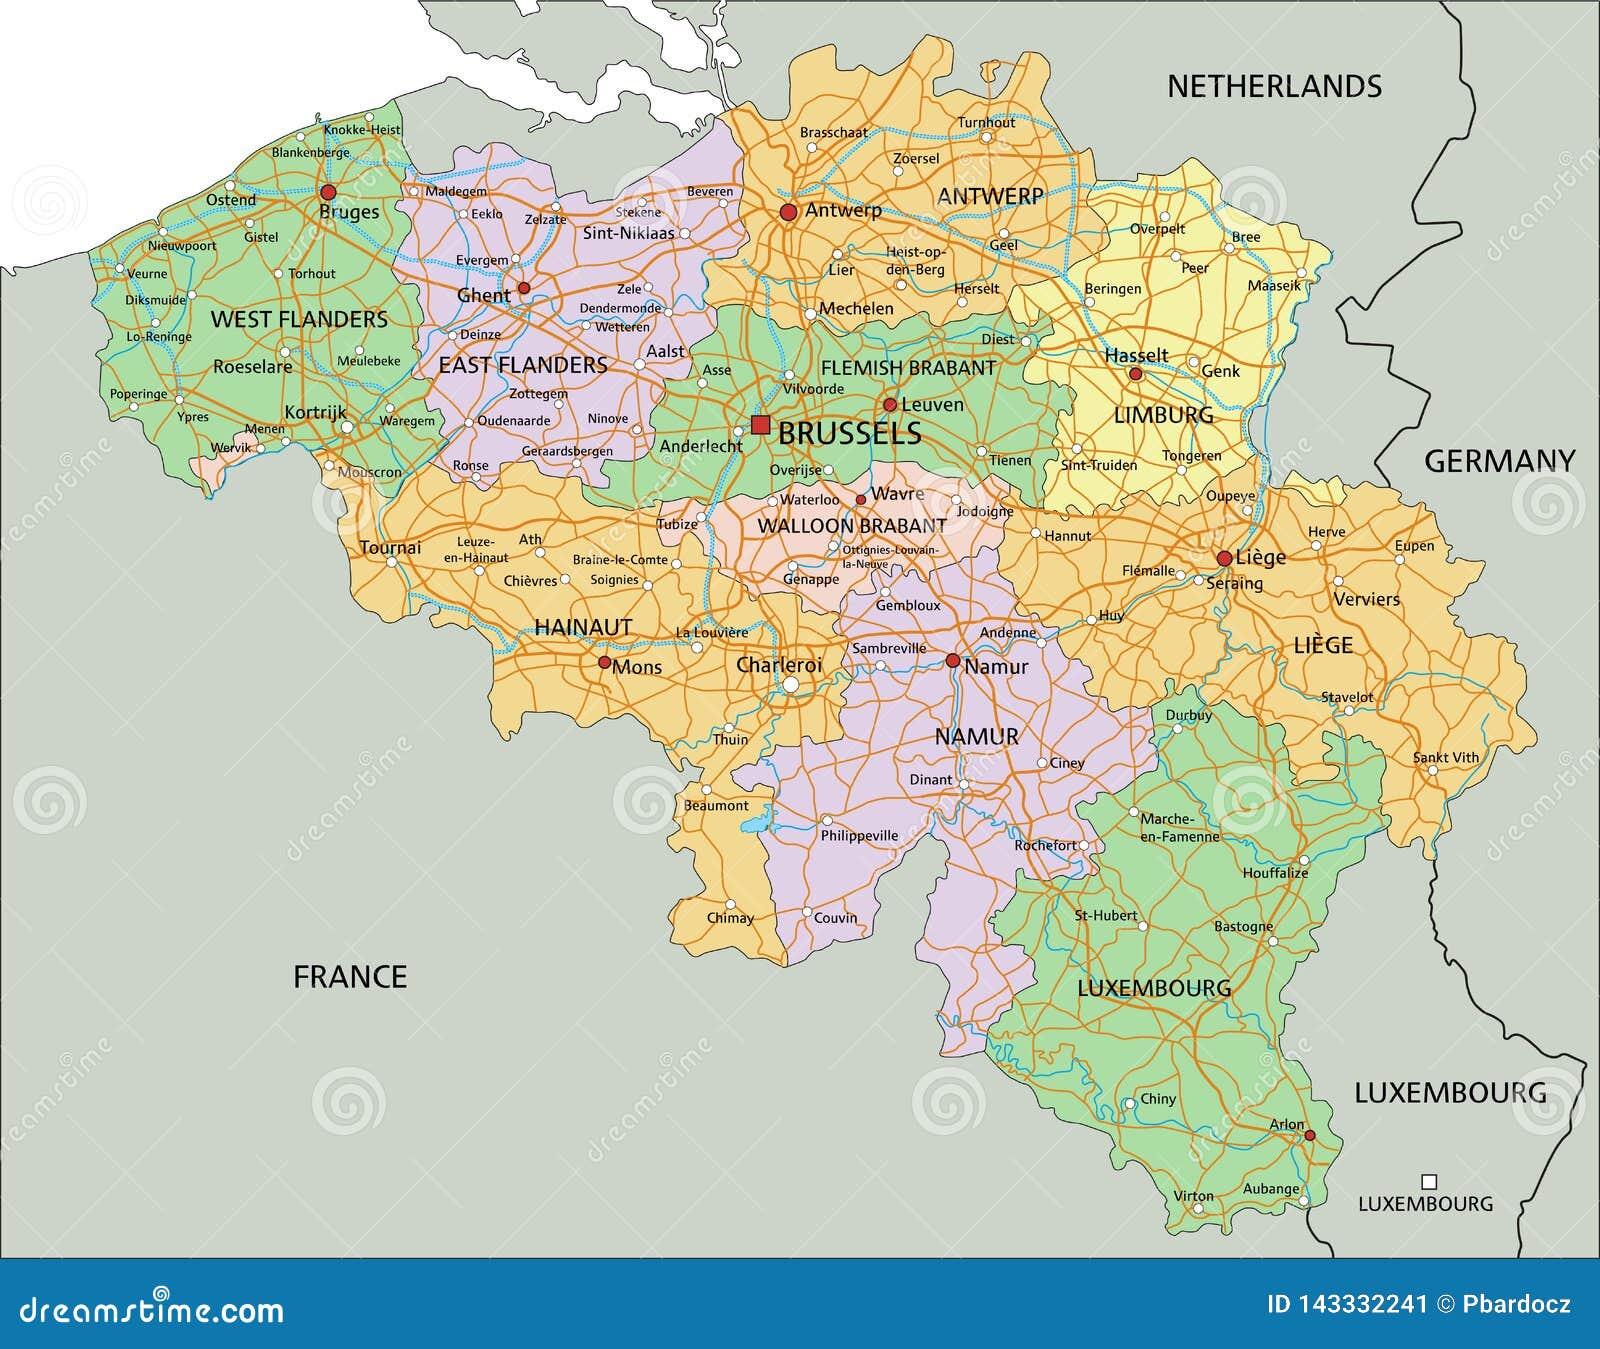 Cartina Del Belgio Da Stampare.Il Belgio Mappa Politica Editabile Altamente Dettagliata Con L Etichettatura Illustrazione Vettoriale Illustrazione Di Tracciato Naturalizzato 143332241